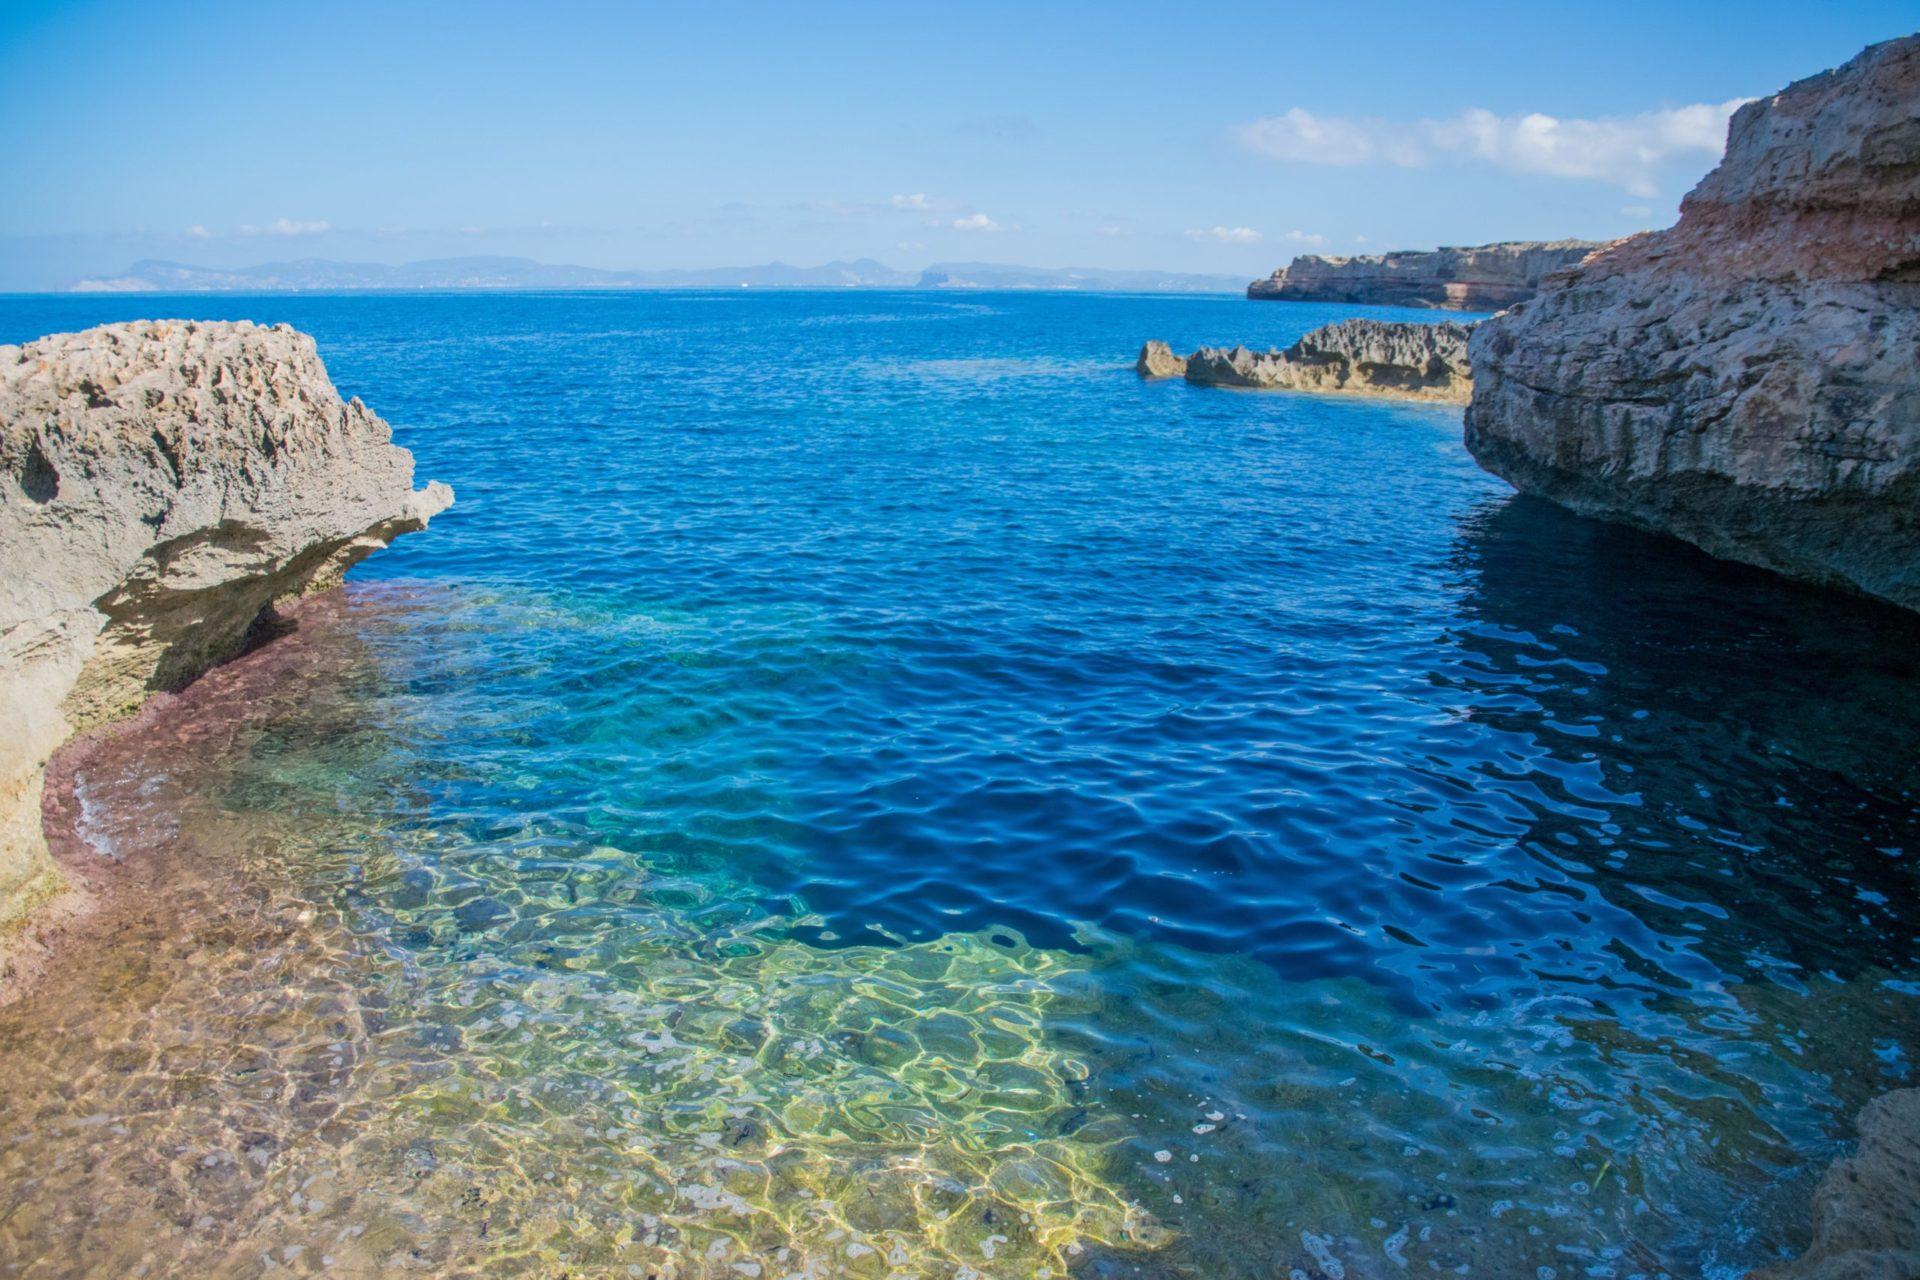 Wassertemperatur Formentera: Naturbelassene Felsbucht mit klarem Wasser auf Formentera